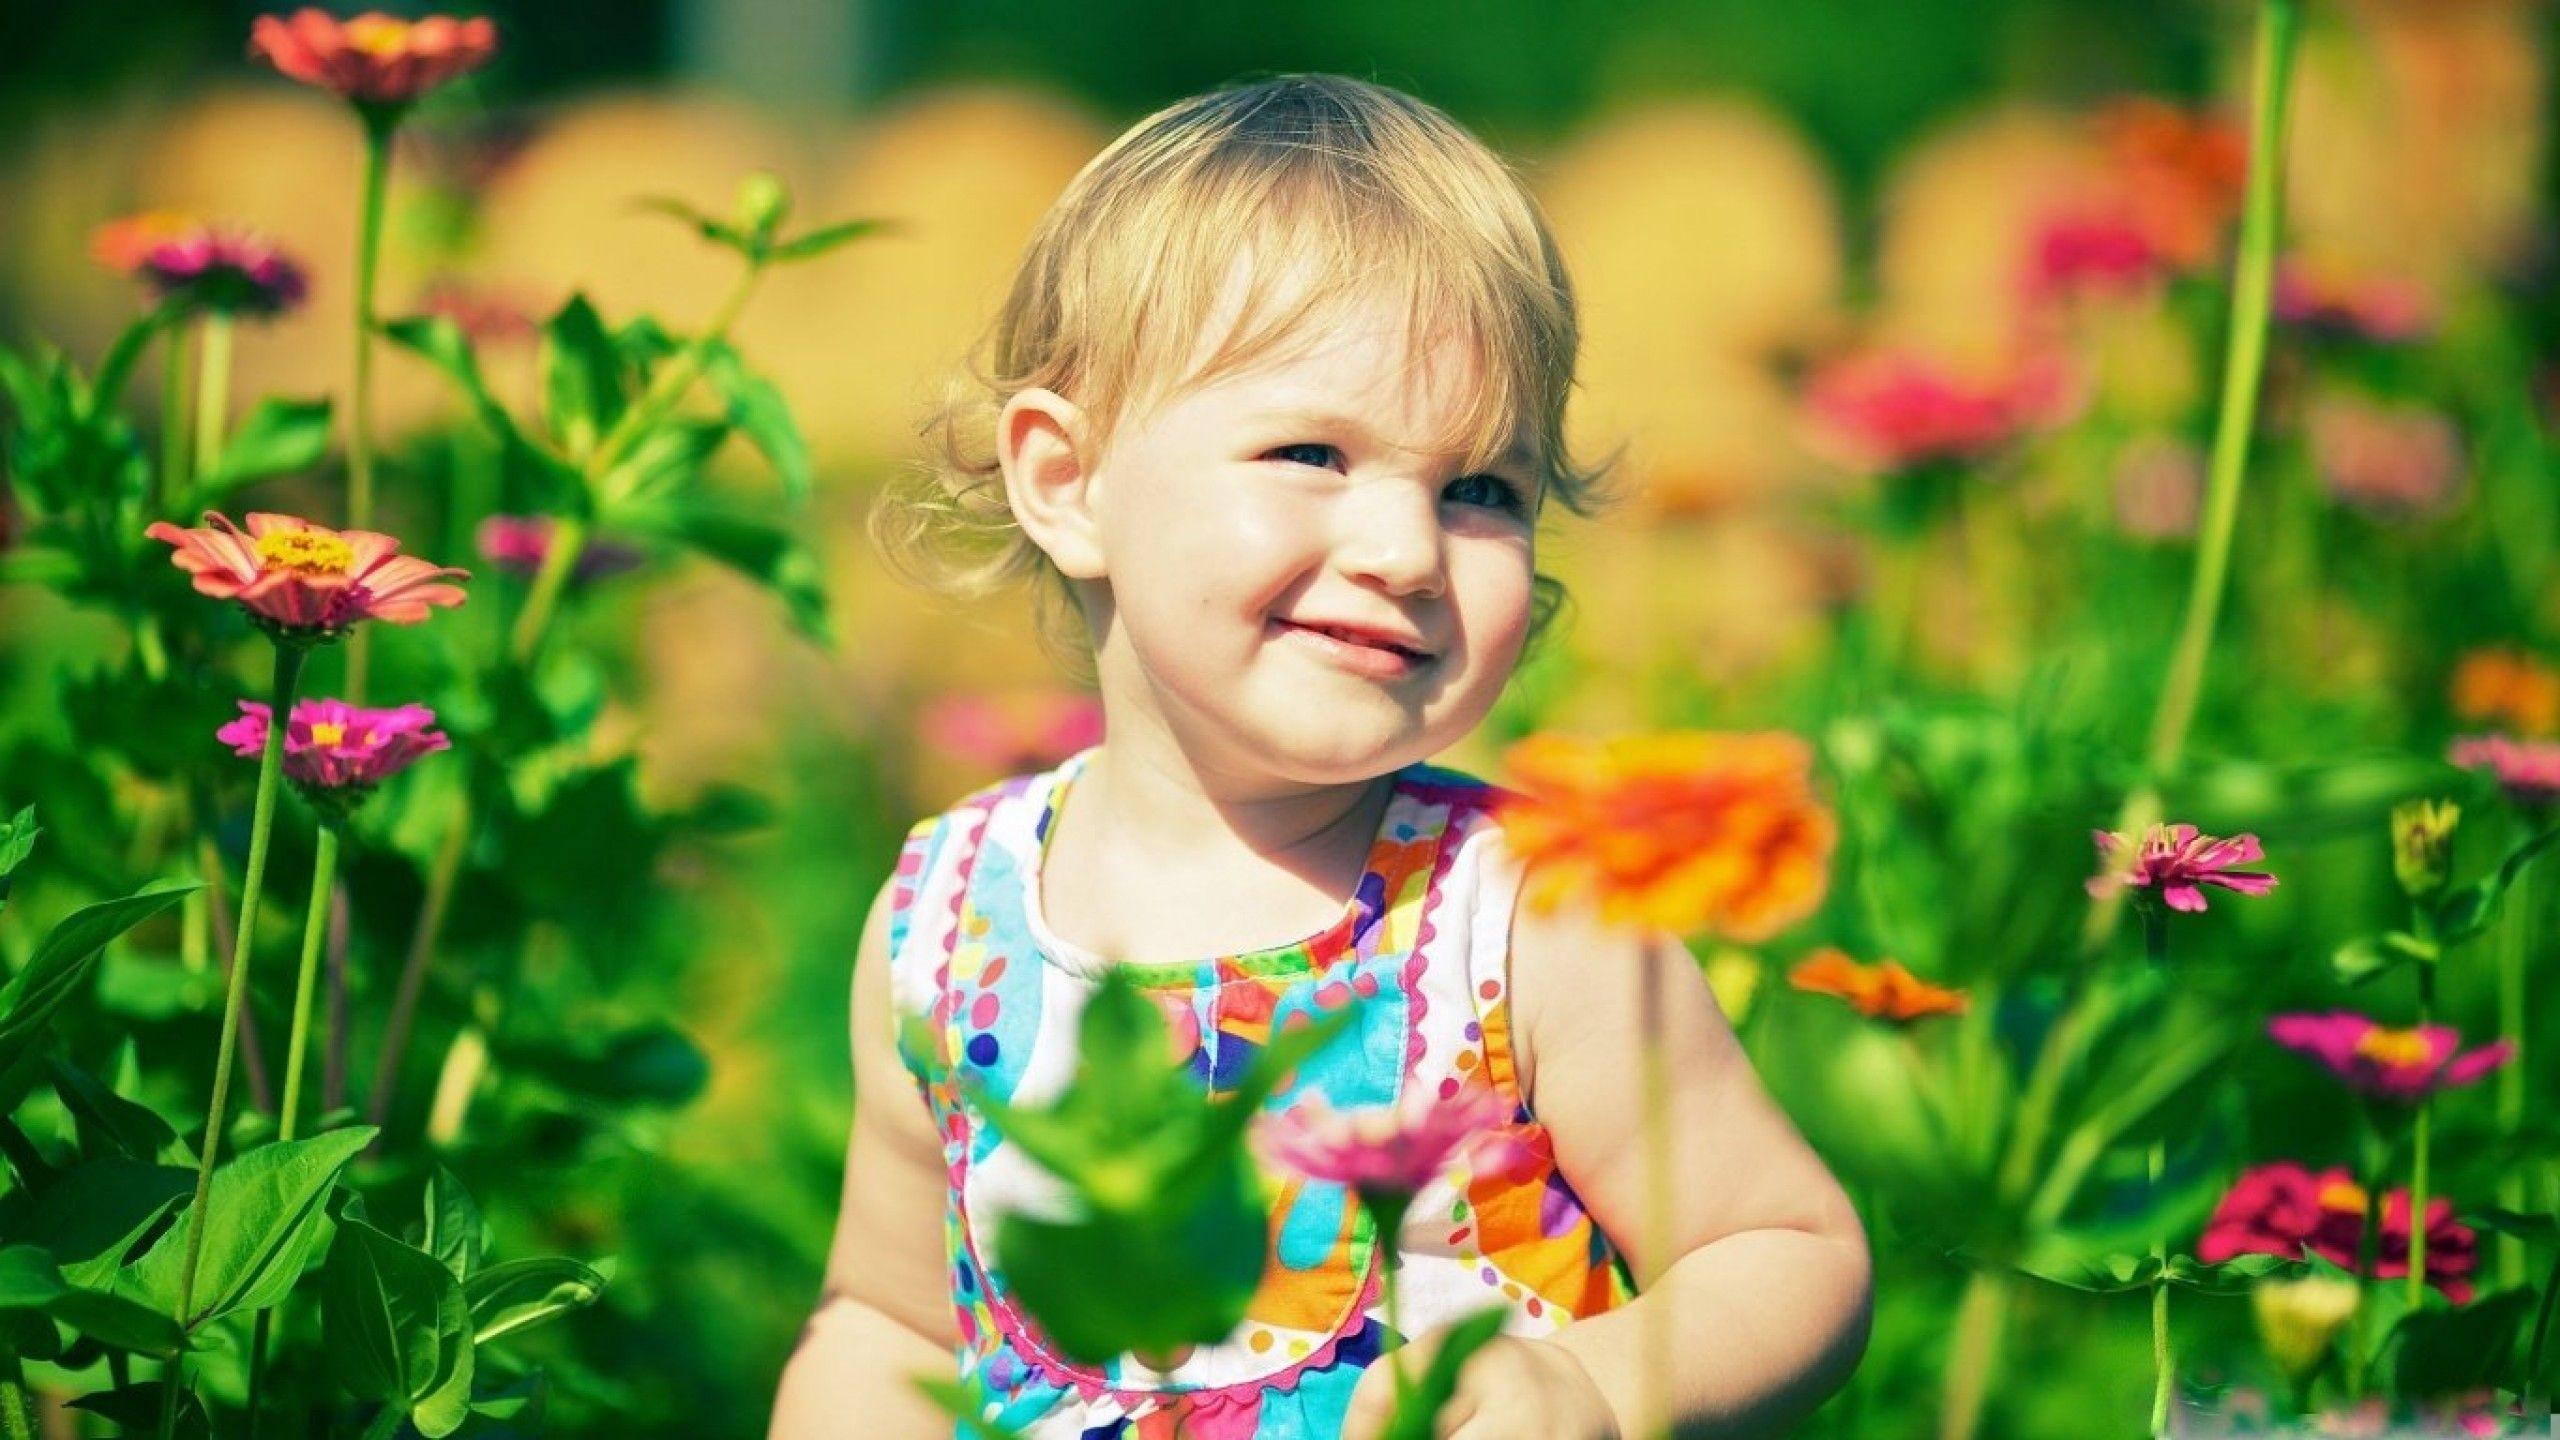 cute baby girl in zinnia flowers hd wallpaper